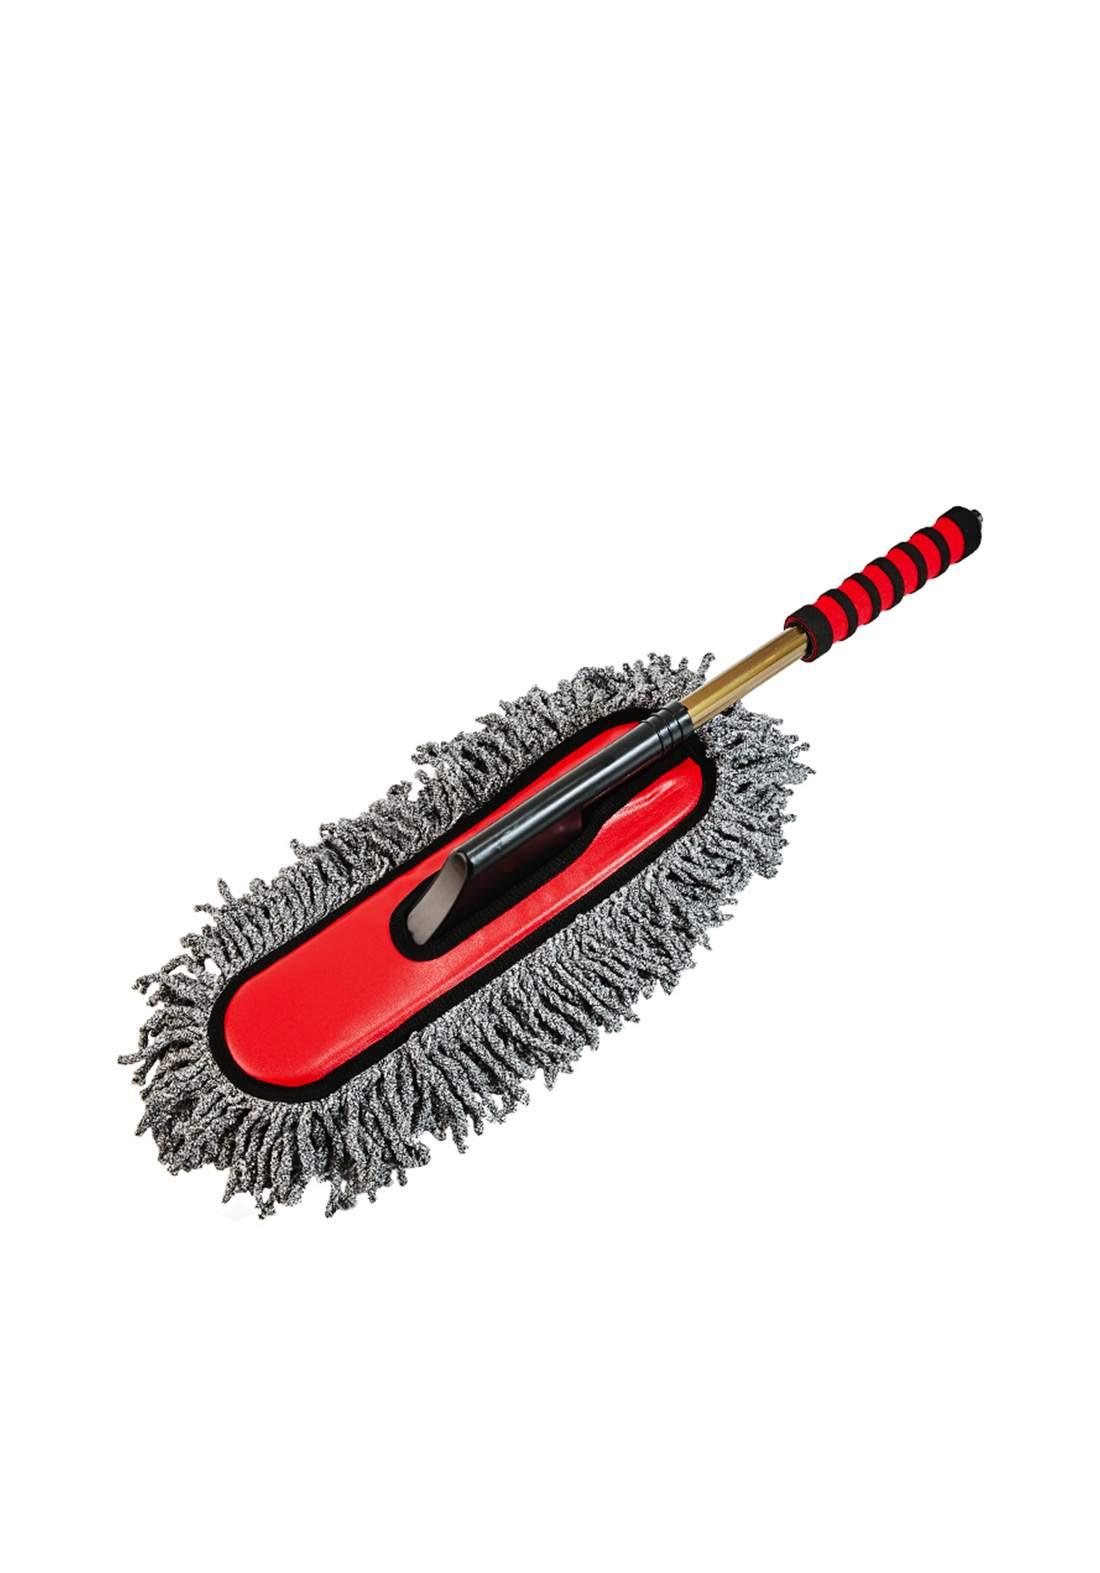 فرشاة تنظيف الغبار والغسيل Bullsone Premium Ultra Microfiber Duster